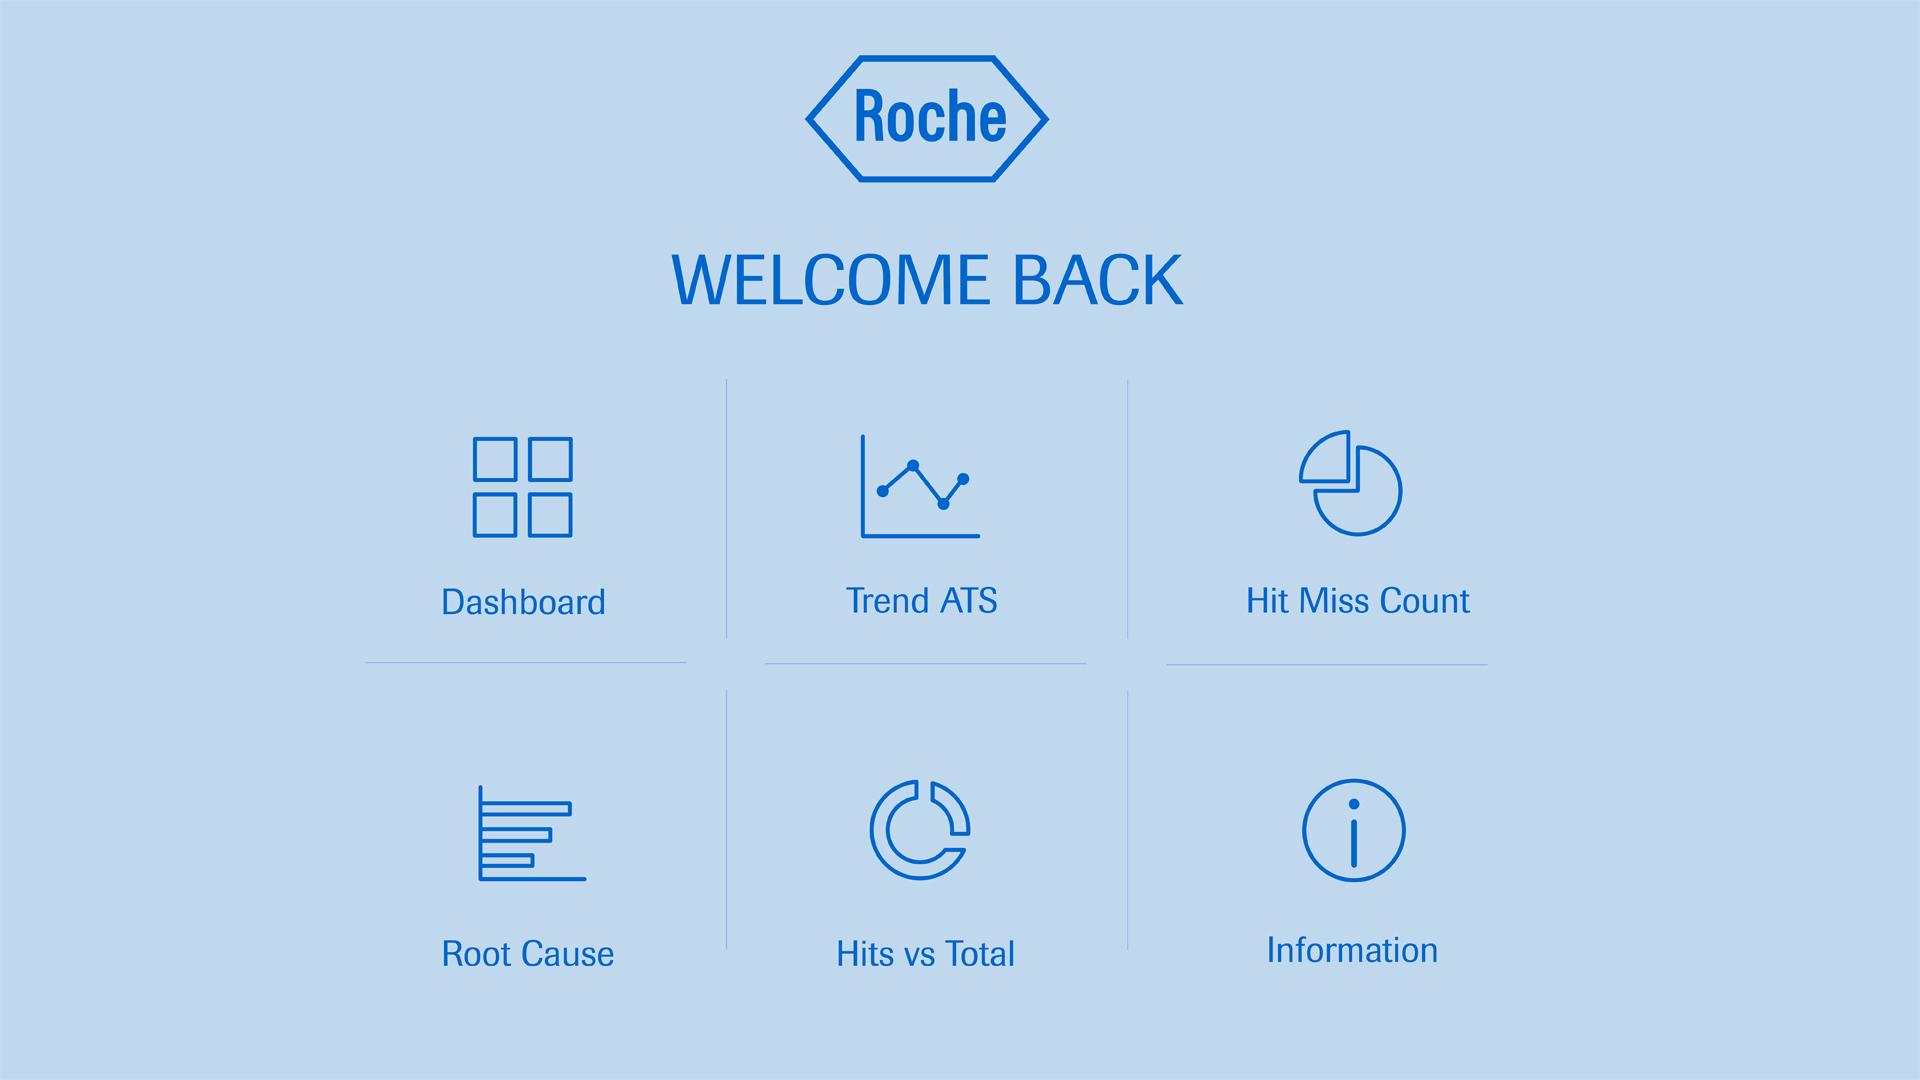 Cockpit Interface Design - Roche